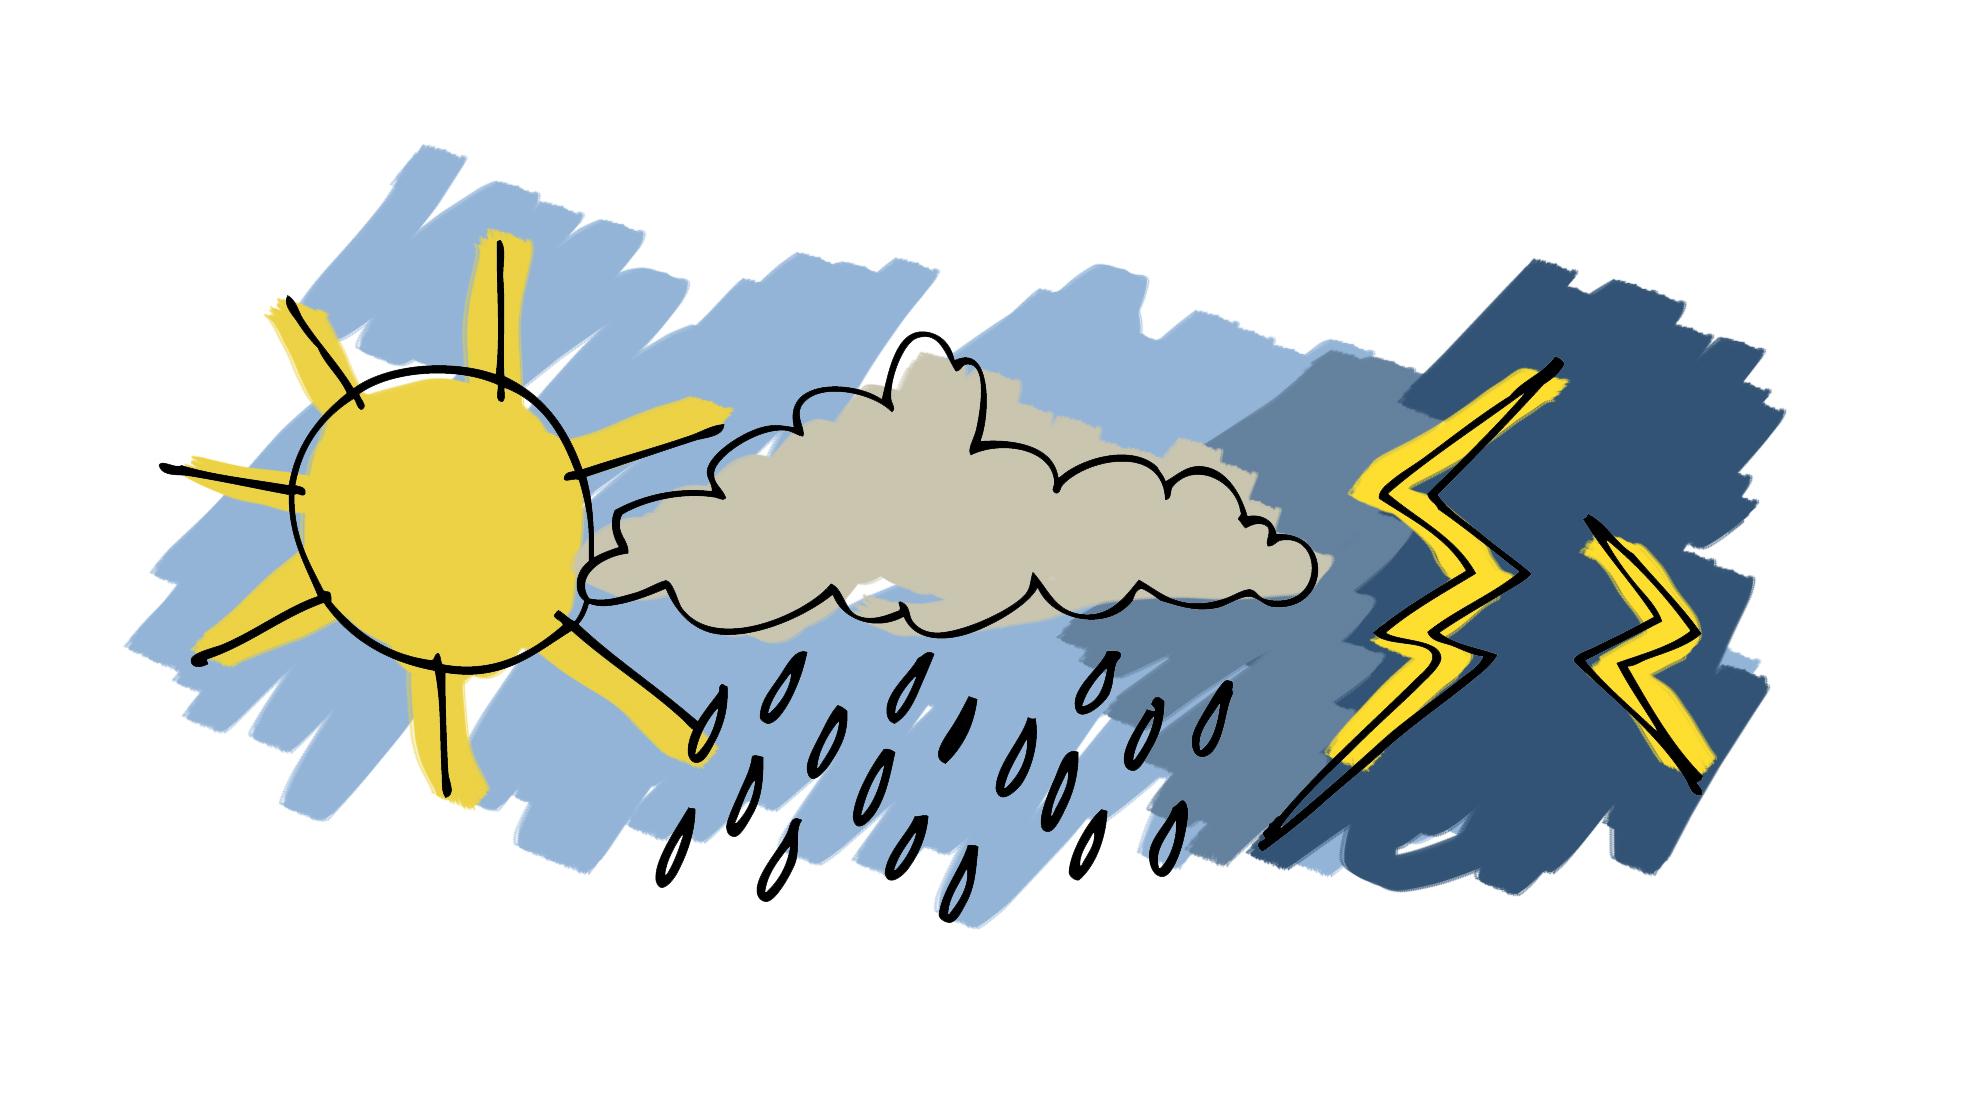 توقعات أحوال الطقس ليوم غد الثلاثاء 30 يونيو 2015